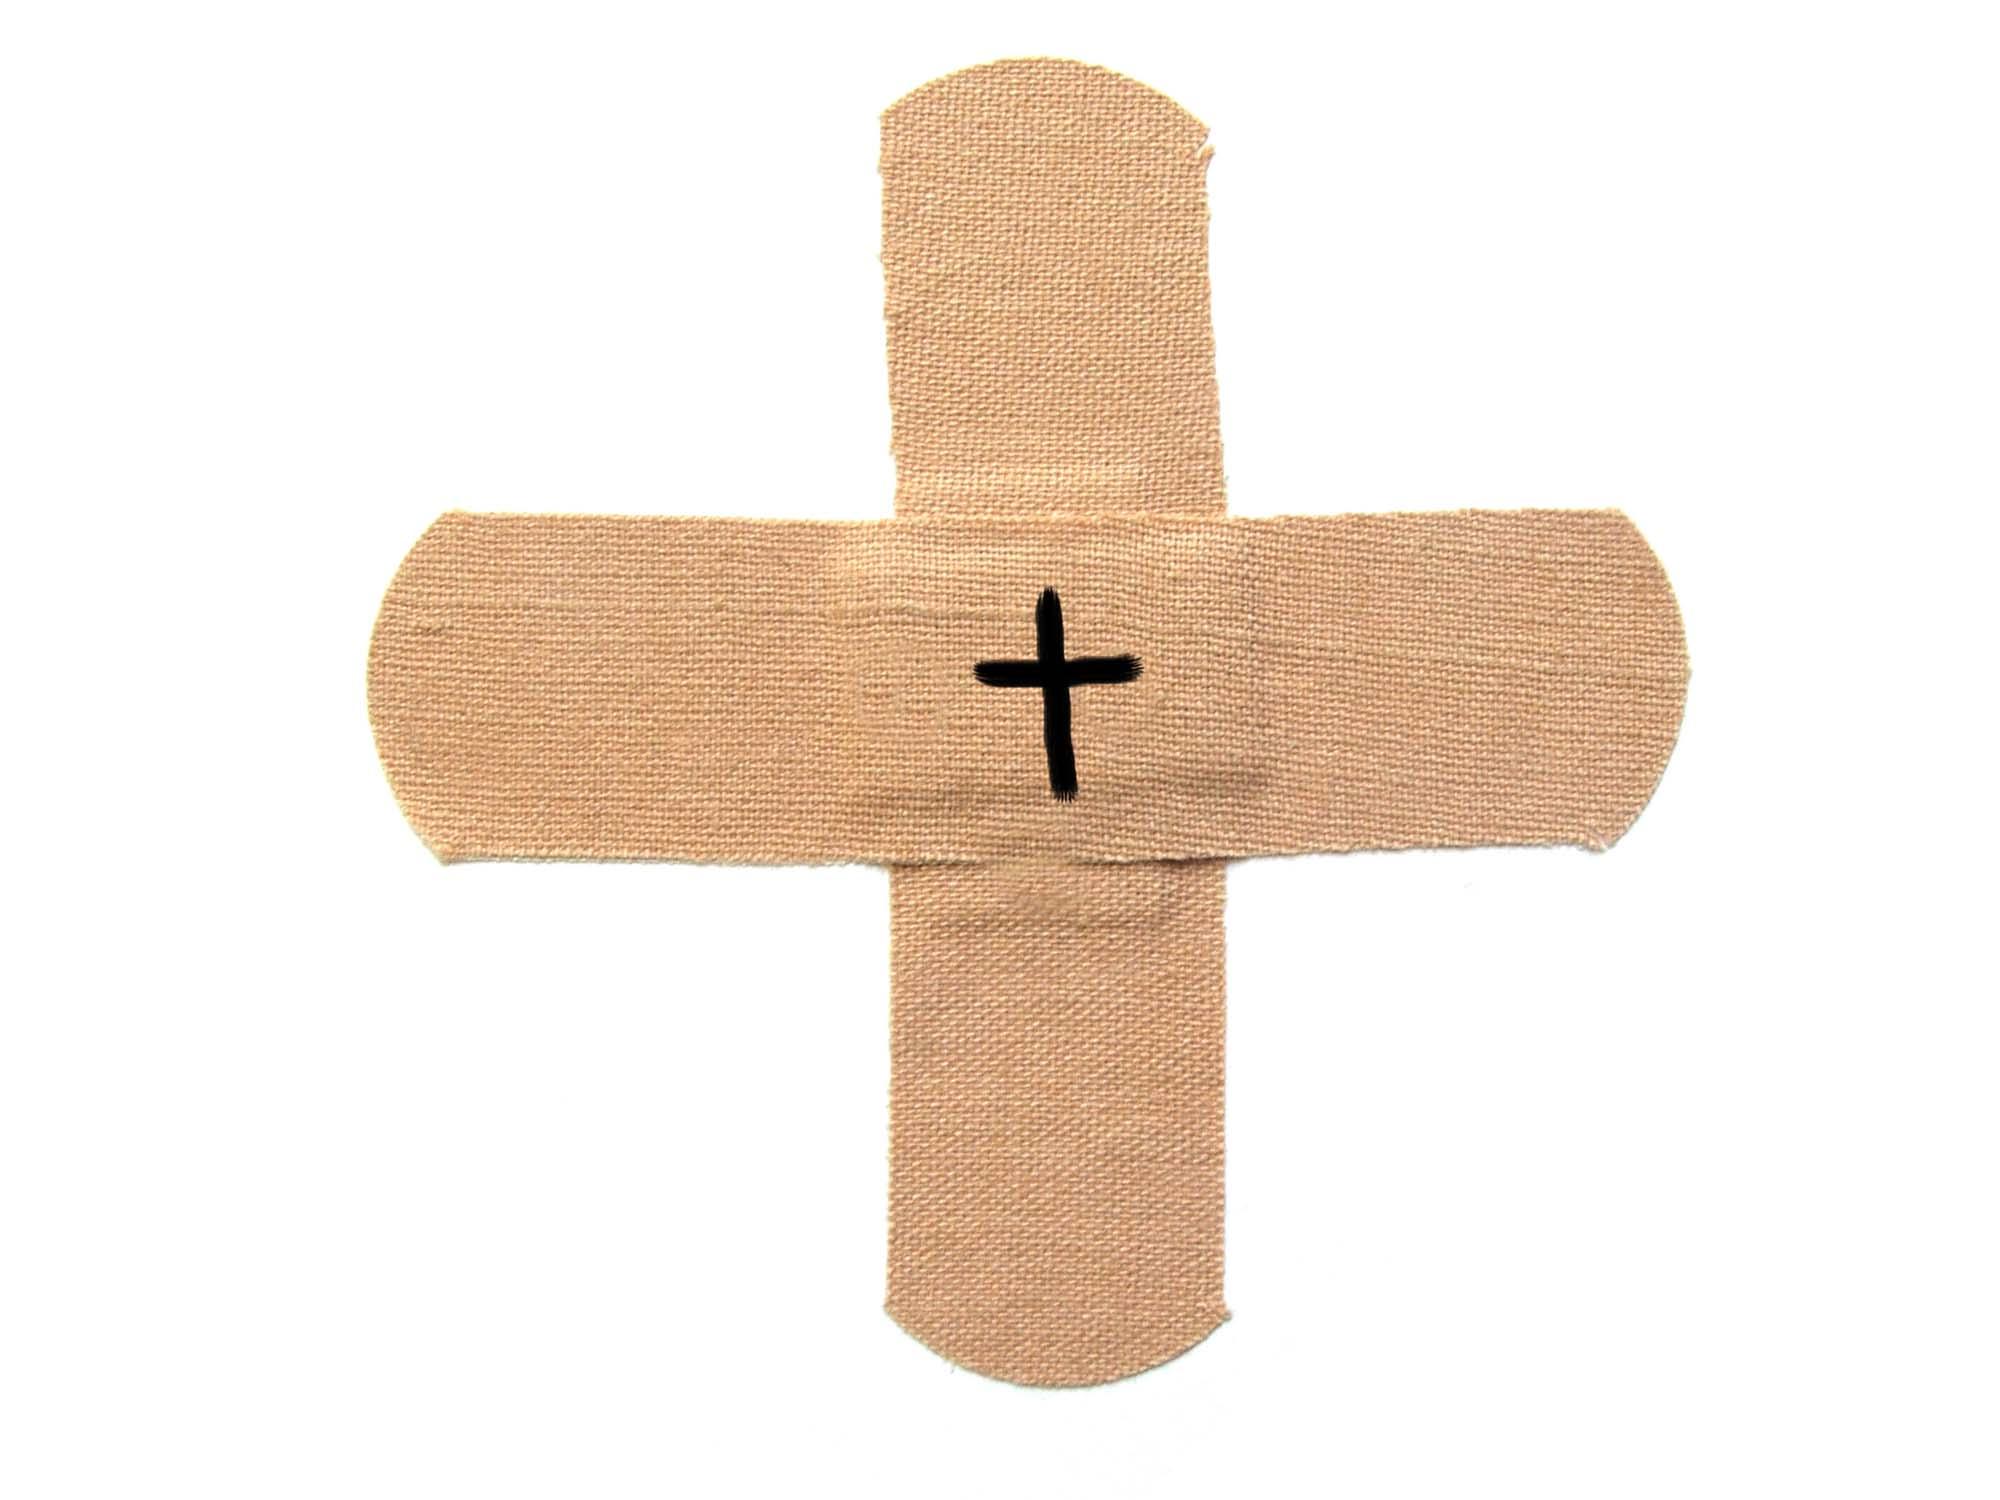 2000x1500 Band Aid Praise